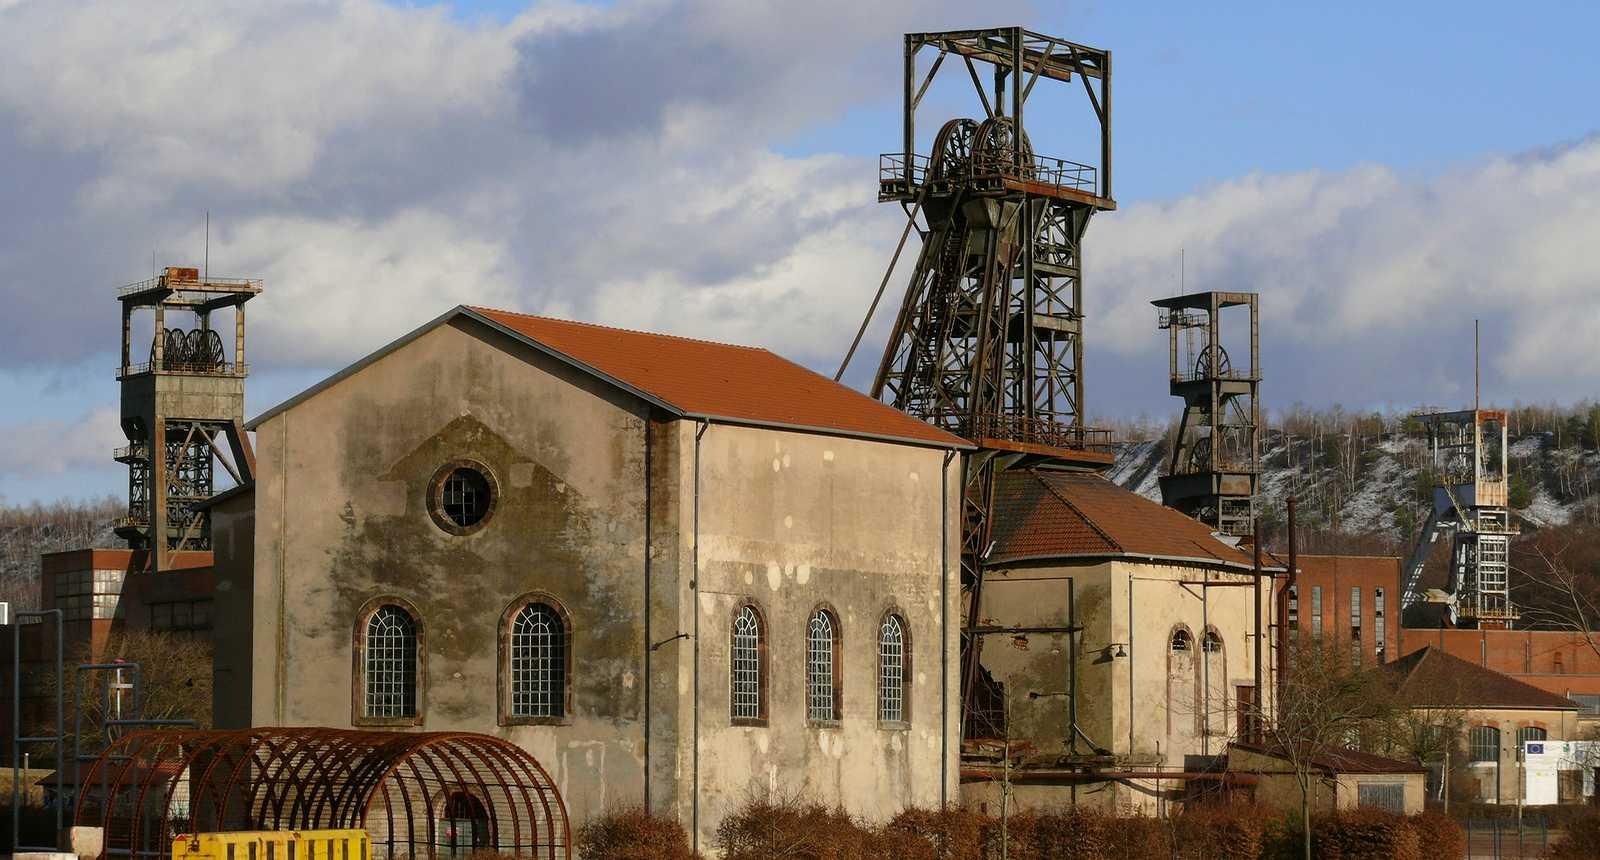 Le Musée de la Mine du Carreau Wendel à Petite-Rosselle (1)